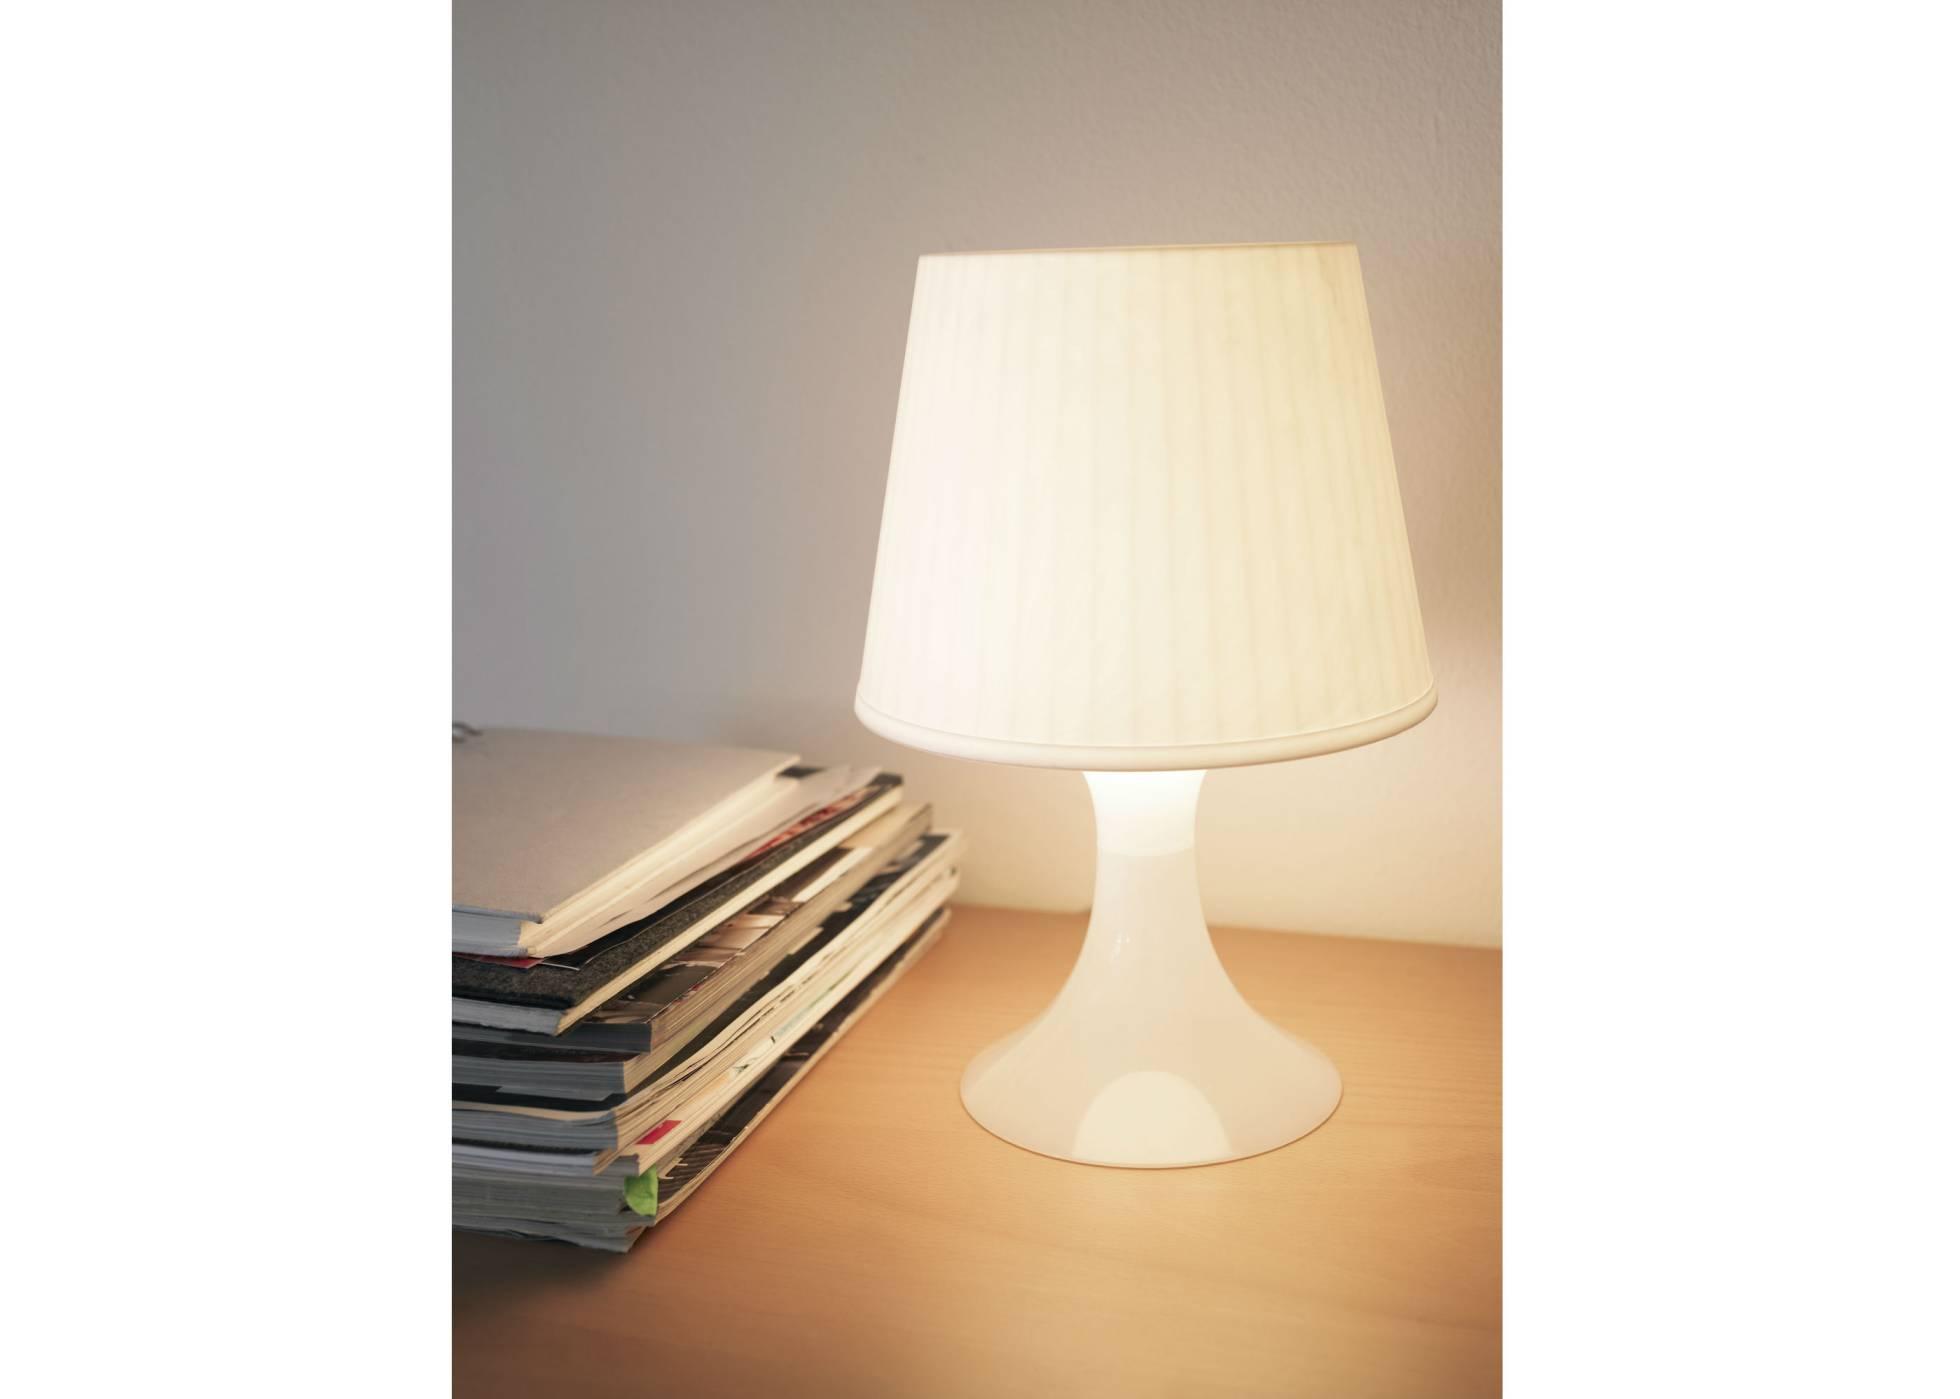 La lámpara más barata